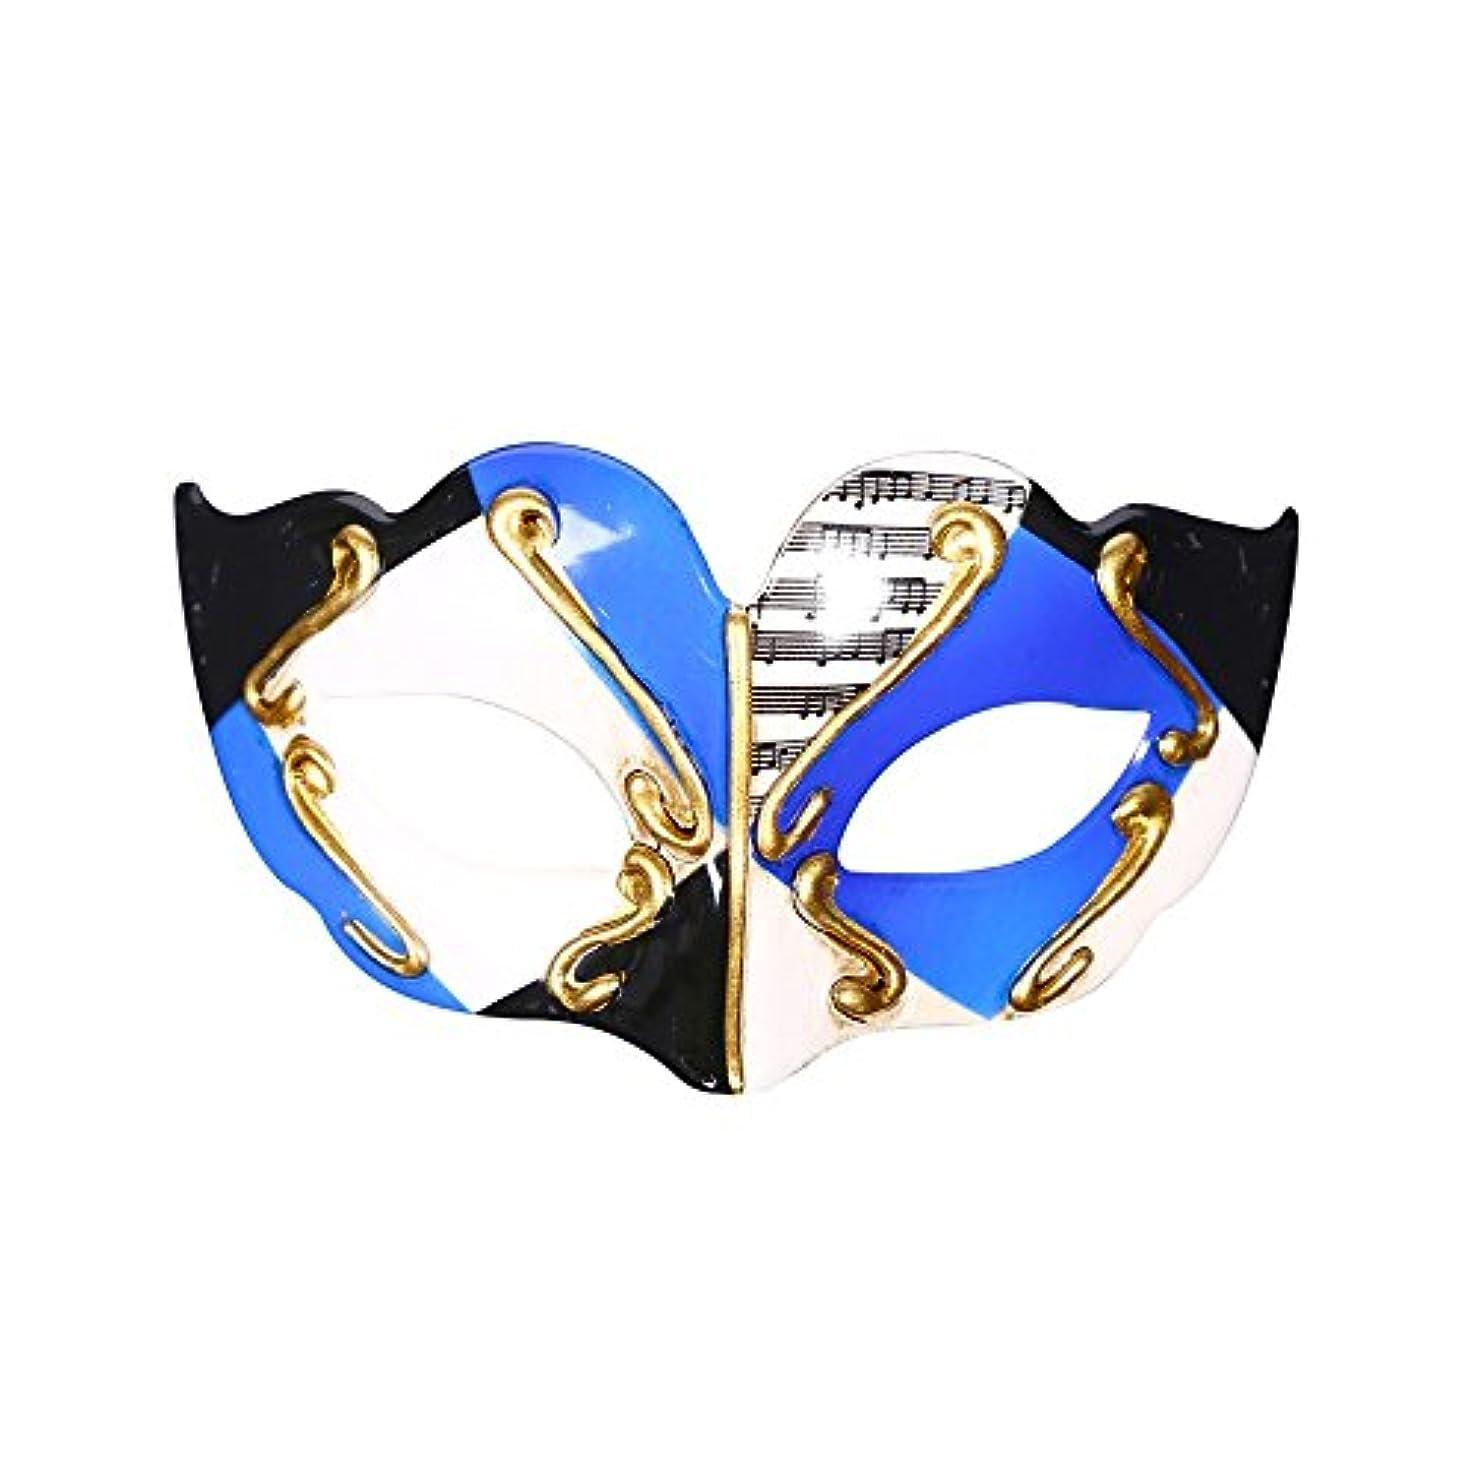 病気だと思う確認してくださいダイヤモンドハロウィーン仮装マスクフラットヘッドハーフフェイスハードプラスチック子供用マスク (Color : #2)